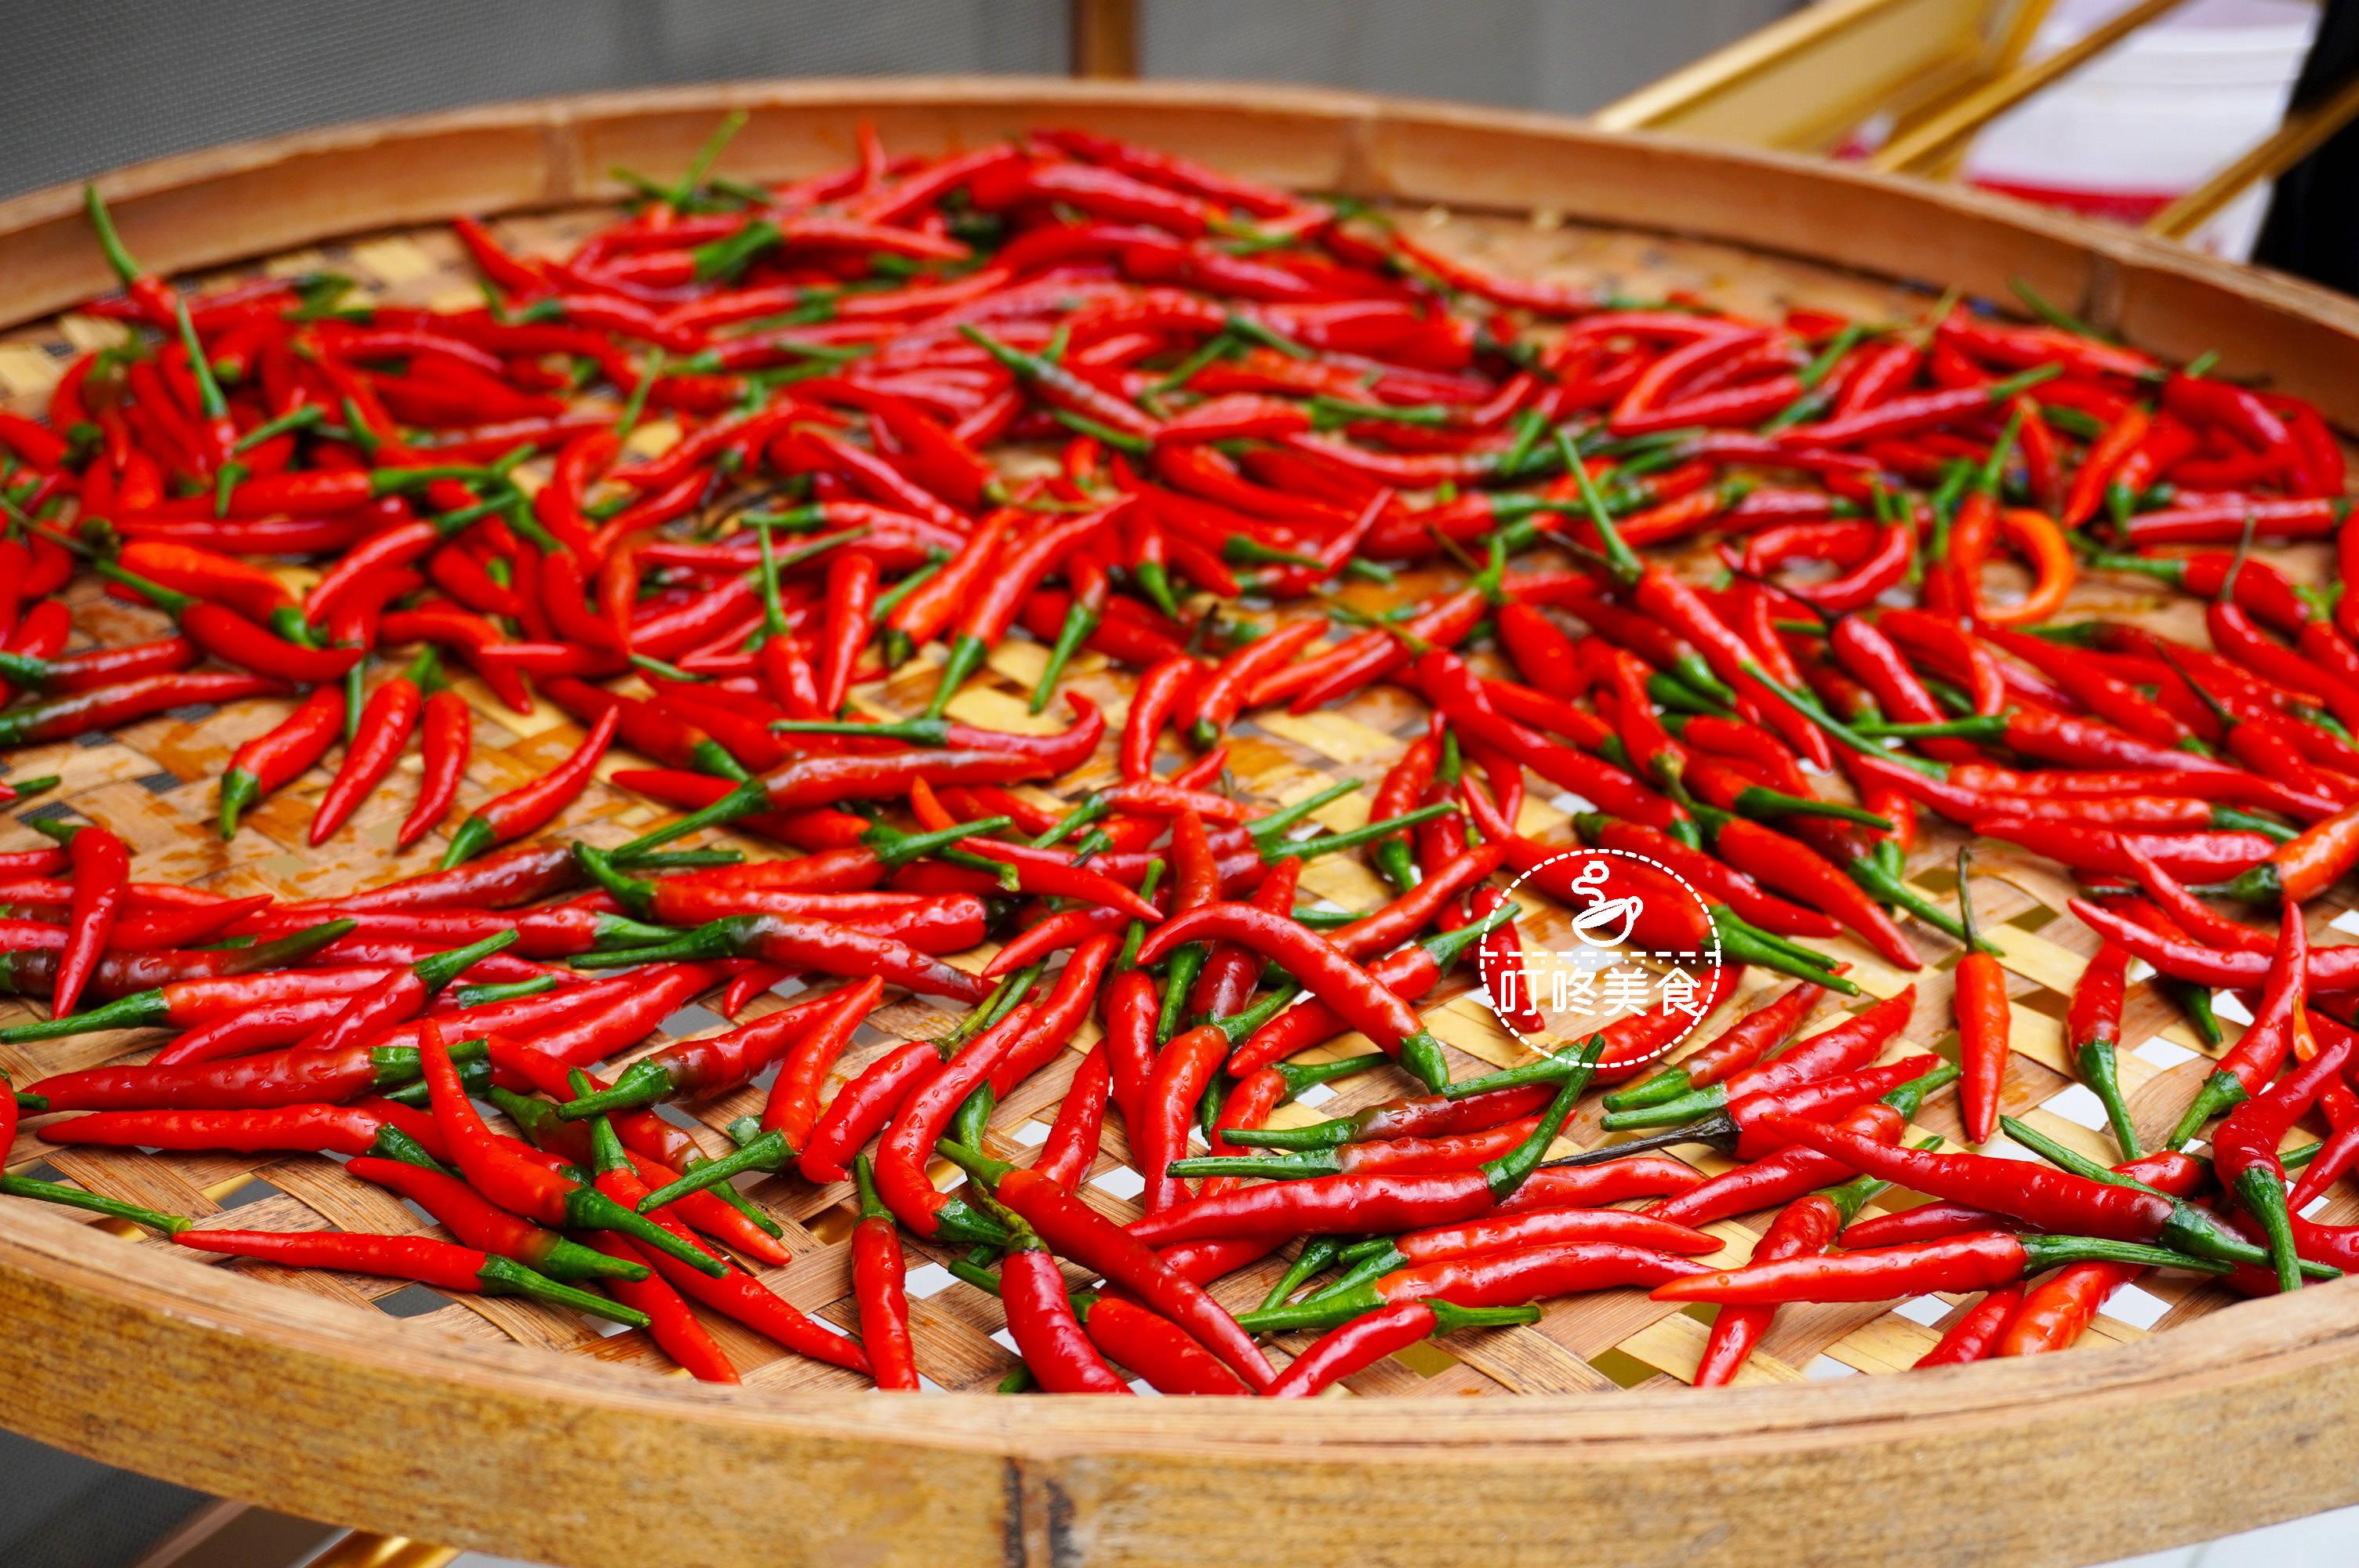 想吃辣椒酱不用买,自己做超简单,香辣入味,干净卫生0添加剂